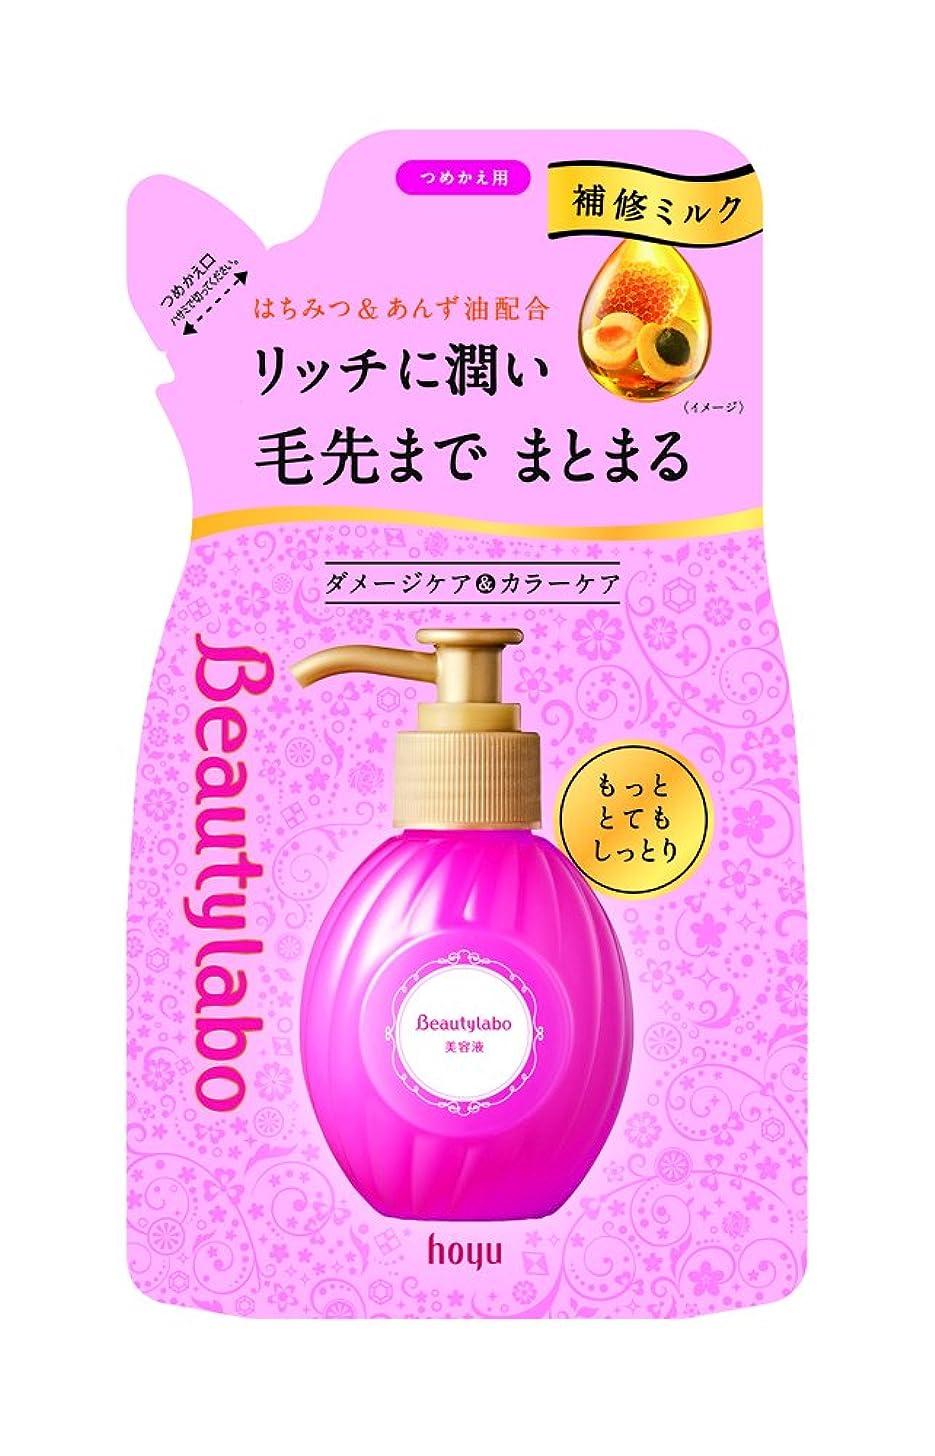 アフリカ人発疹リボンビューティラボ 美容液 つめかえ用 もっととてもしっとり 110ml